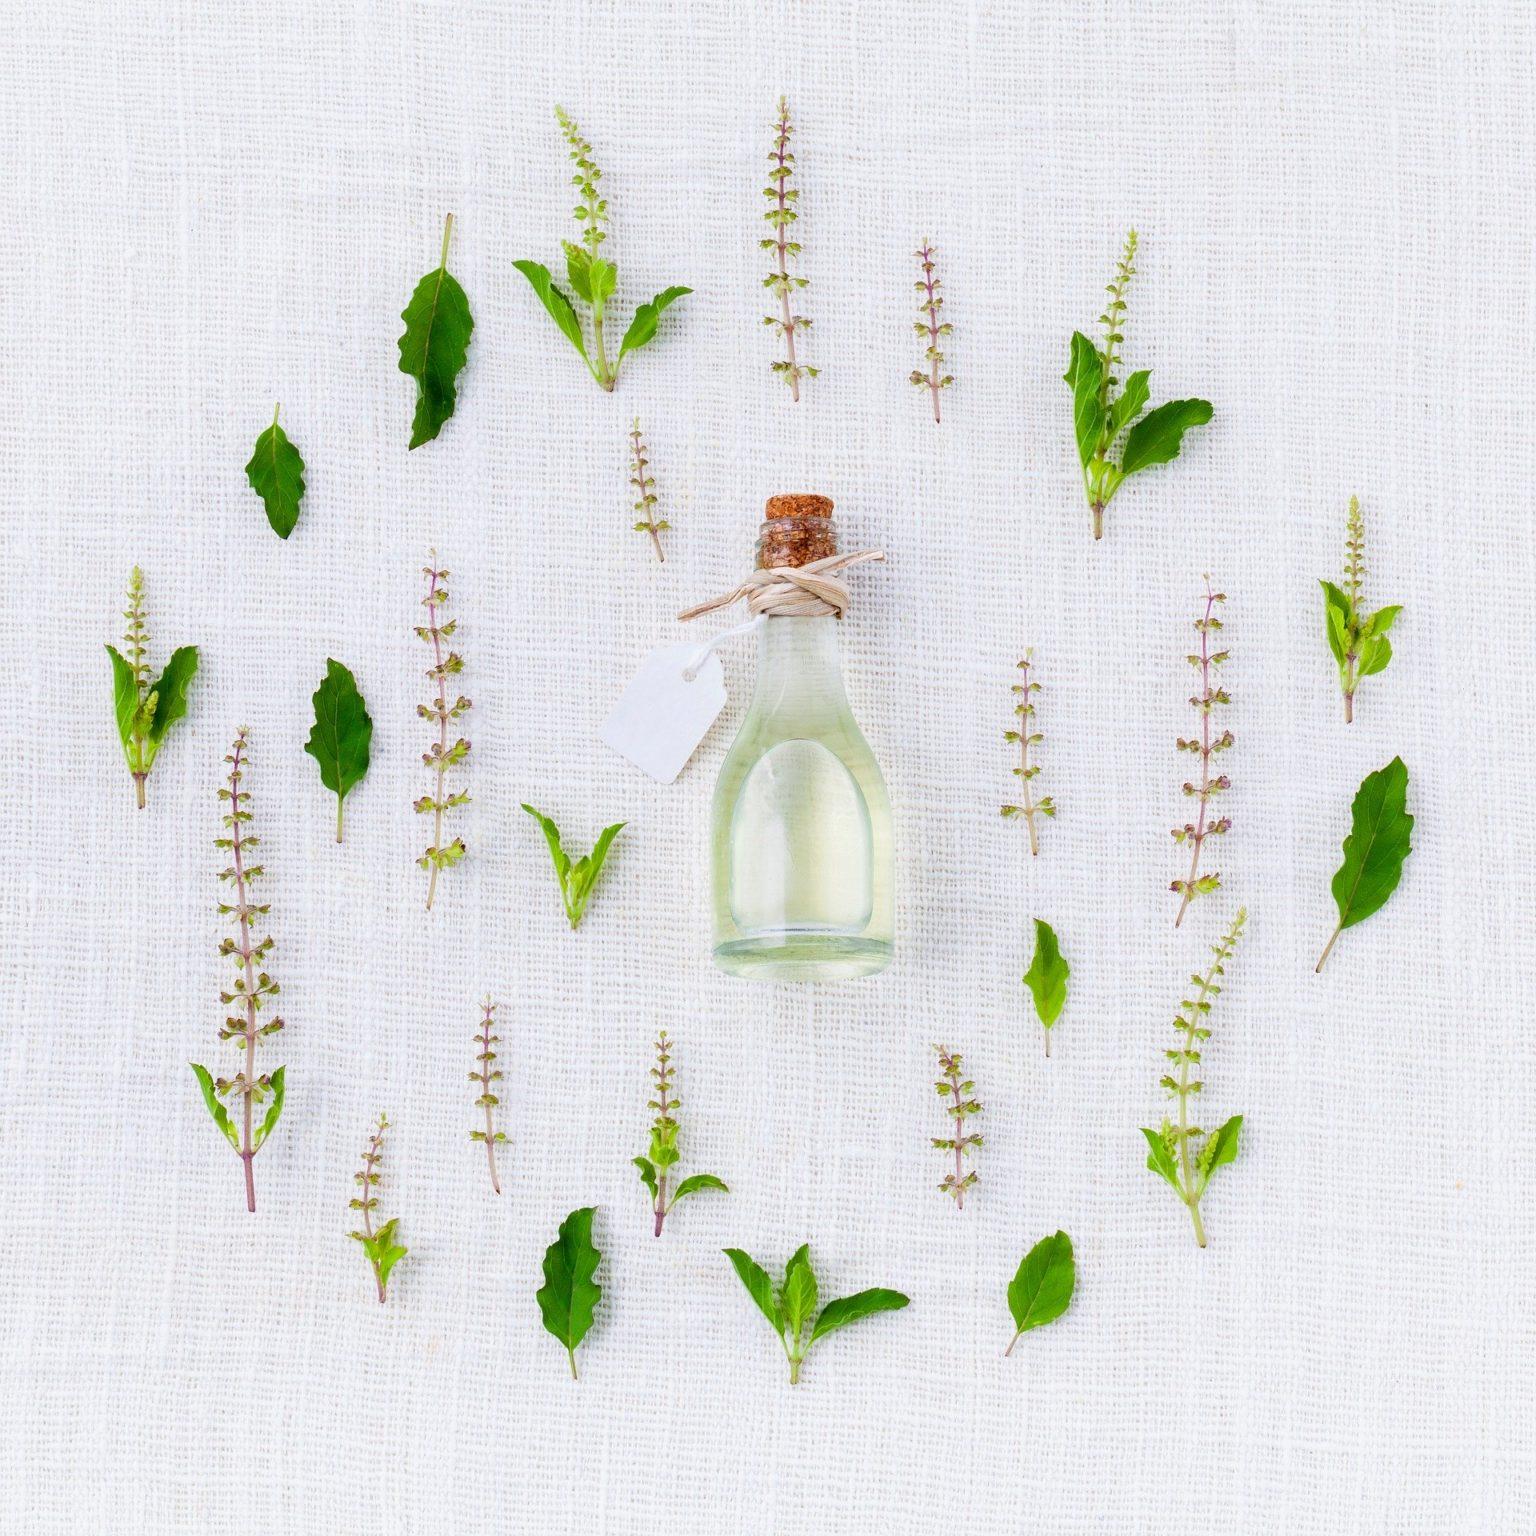 aroma-906137_1920-1536×1536 (1)